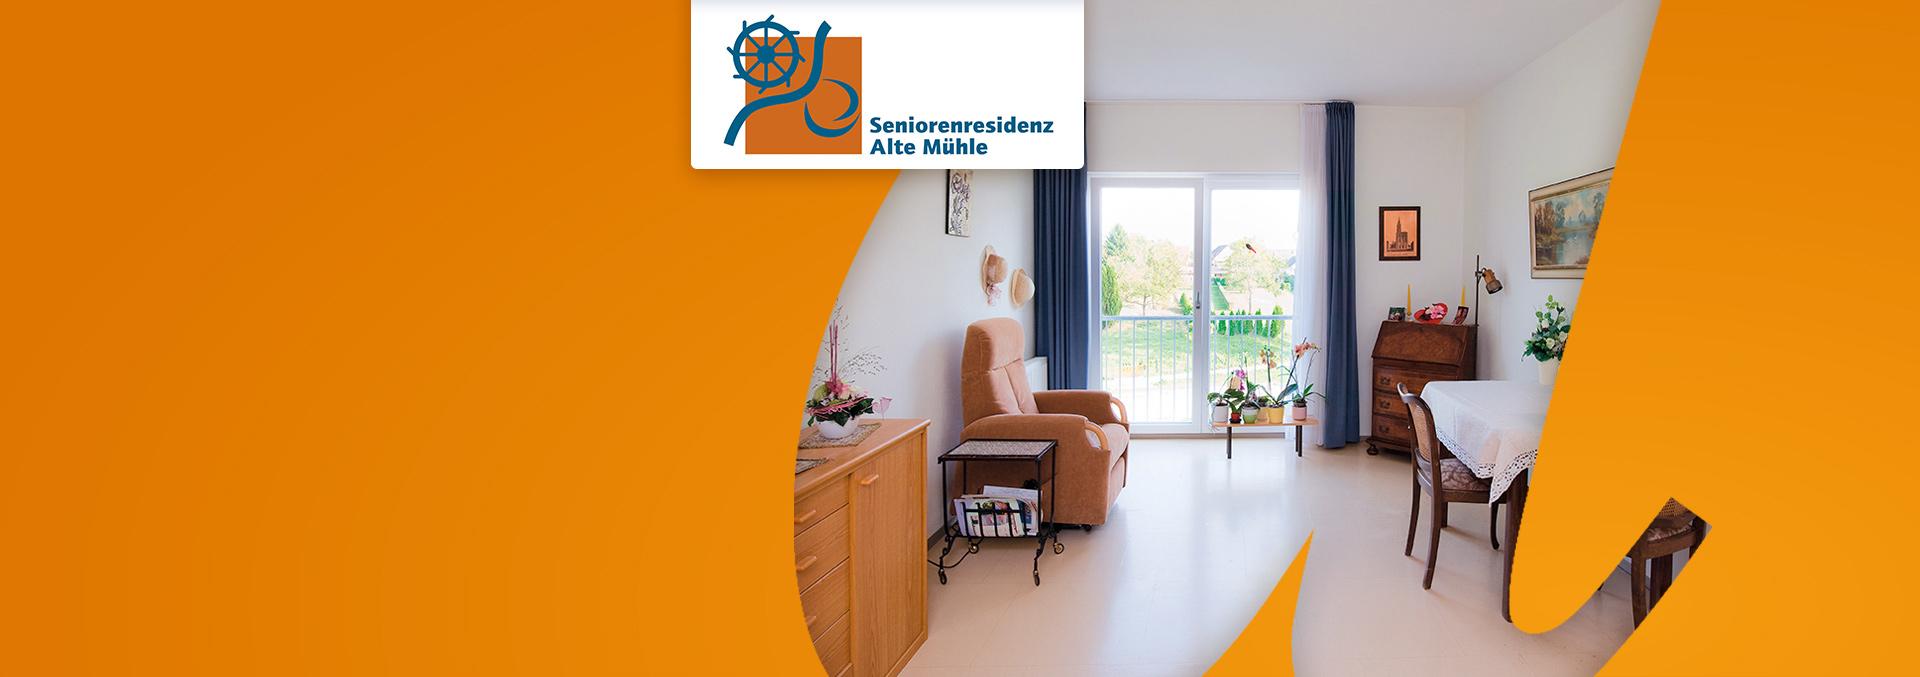 Wohnen in der Seniorenresidenz ALTE MÜHLE: Helles Zimmer mit Blick ins Grüne, gemütlich eingerichtet mit Sessel, Holzmöbeln und Bildern.